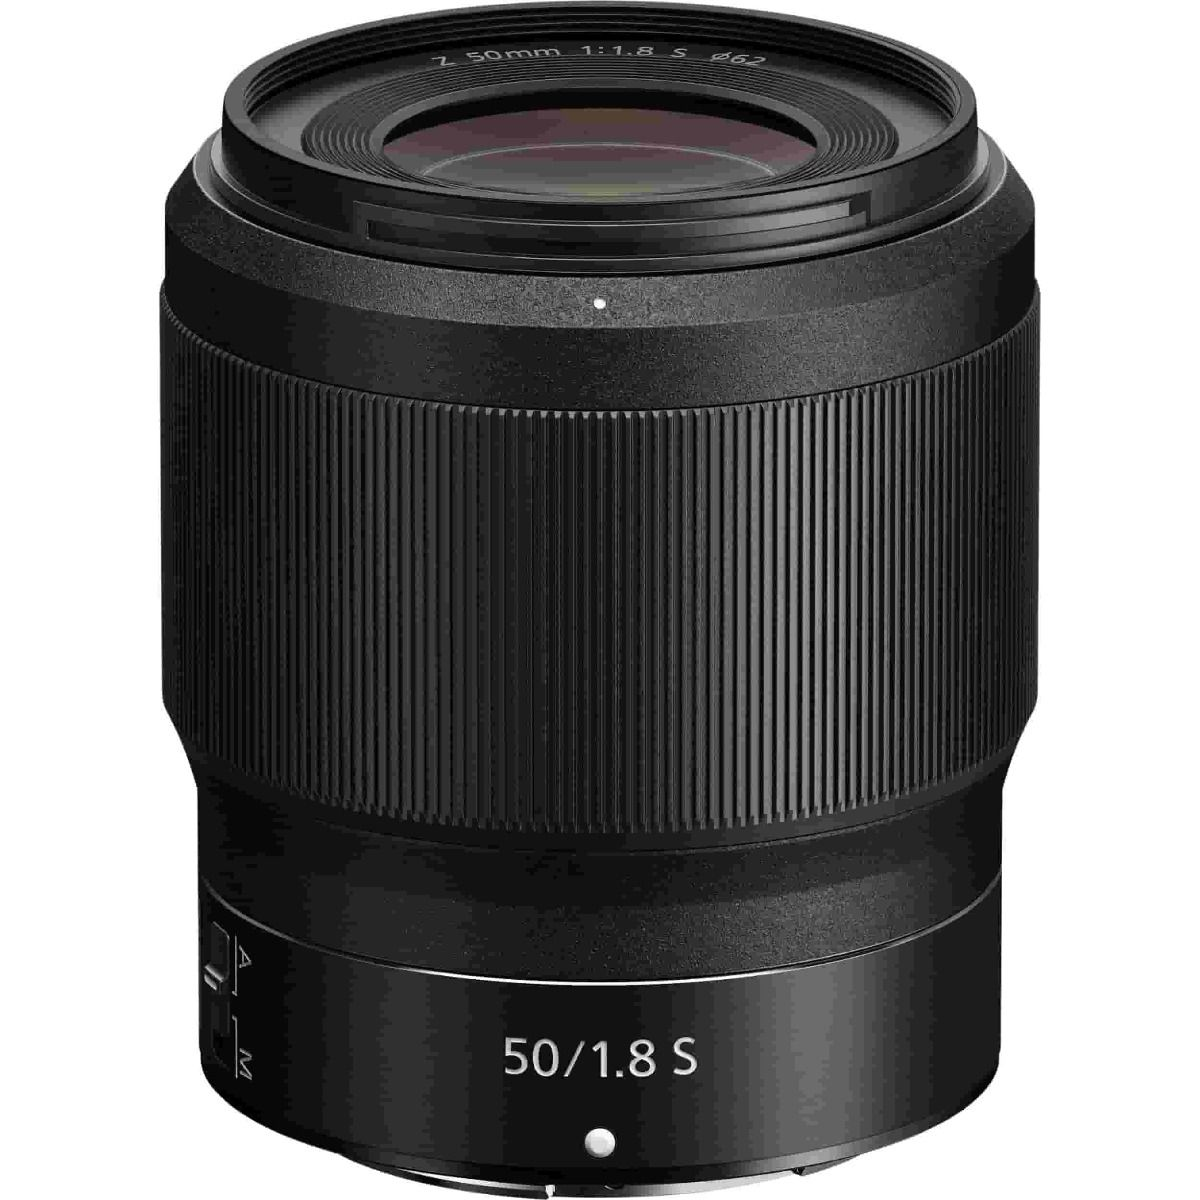 Nikon Z 50mm f/1.8 S Lens,Nikon Z 50mm f/1.8 S Lens,Nikon Z 50mm f/1.8 S Lens